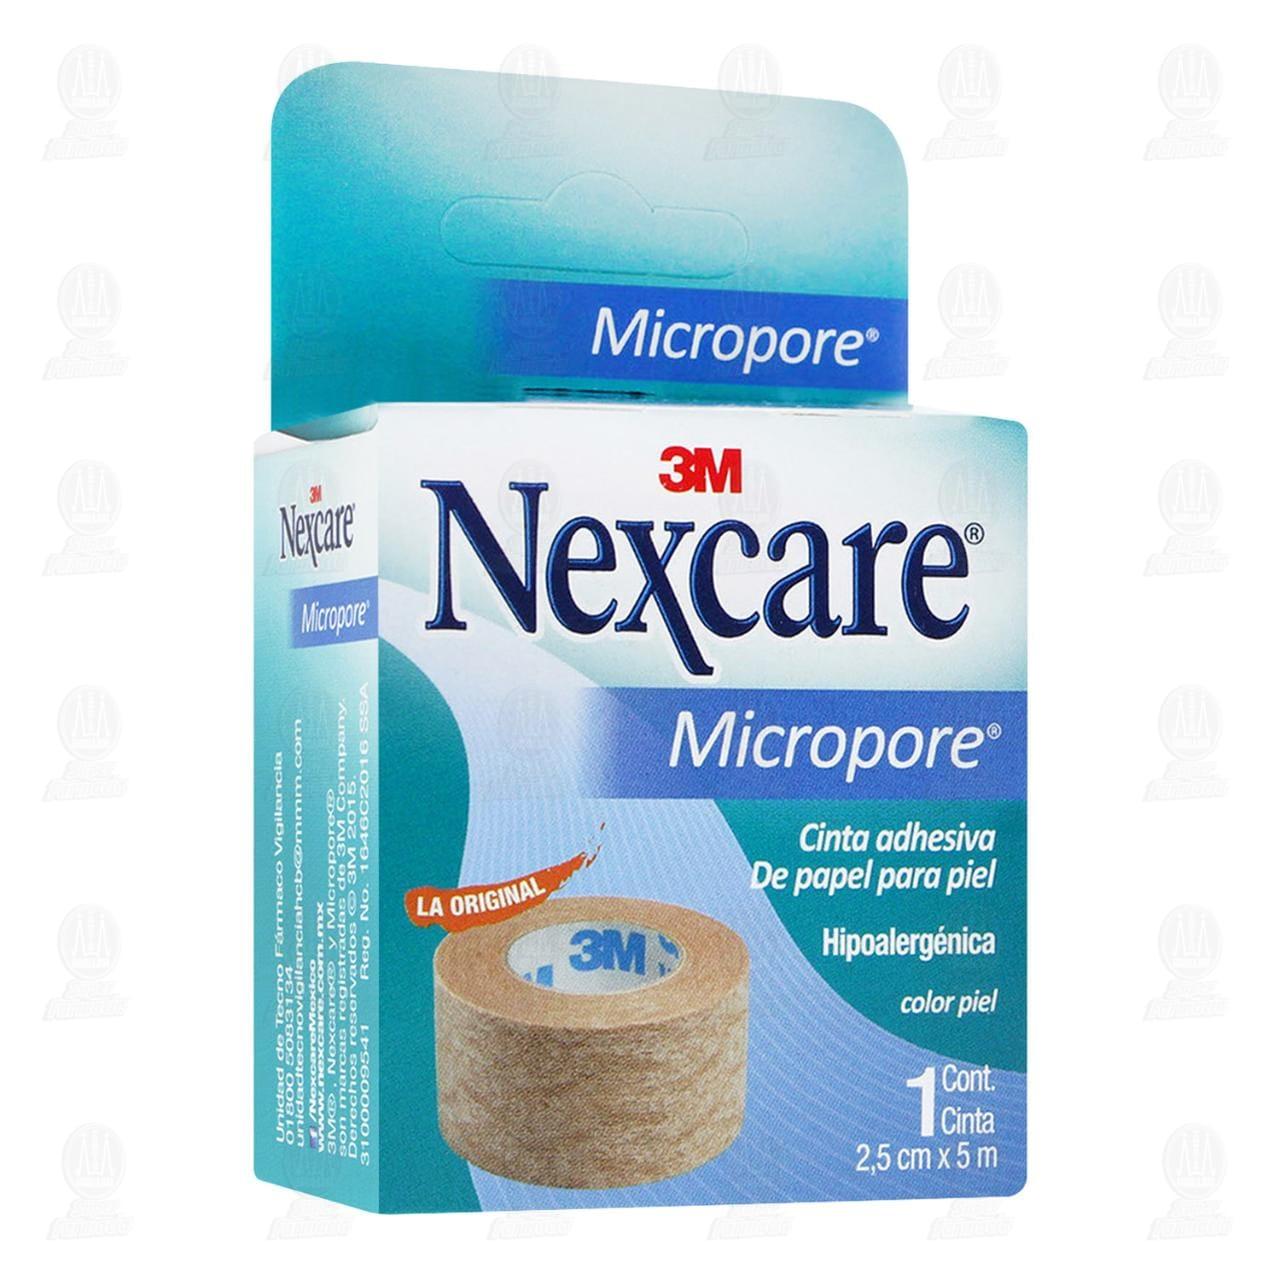 Comprar 3M Nexcare Micropore Cinta Adhesiva Color Piel 2.5cm x 5m 1pz en Farmacias Guadalajara